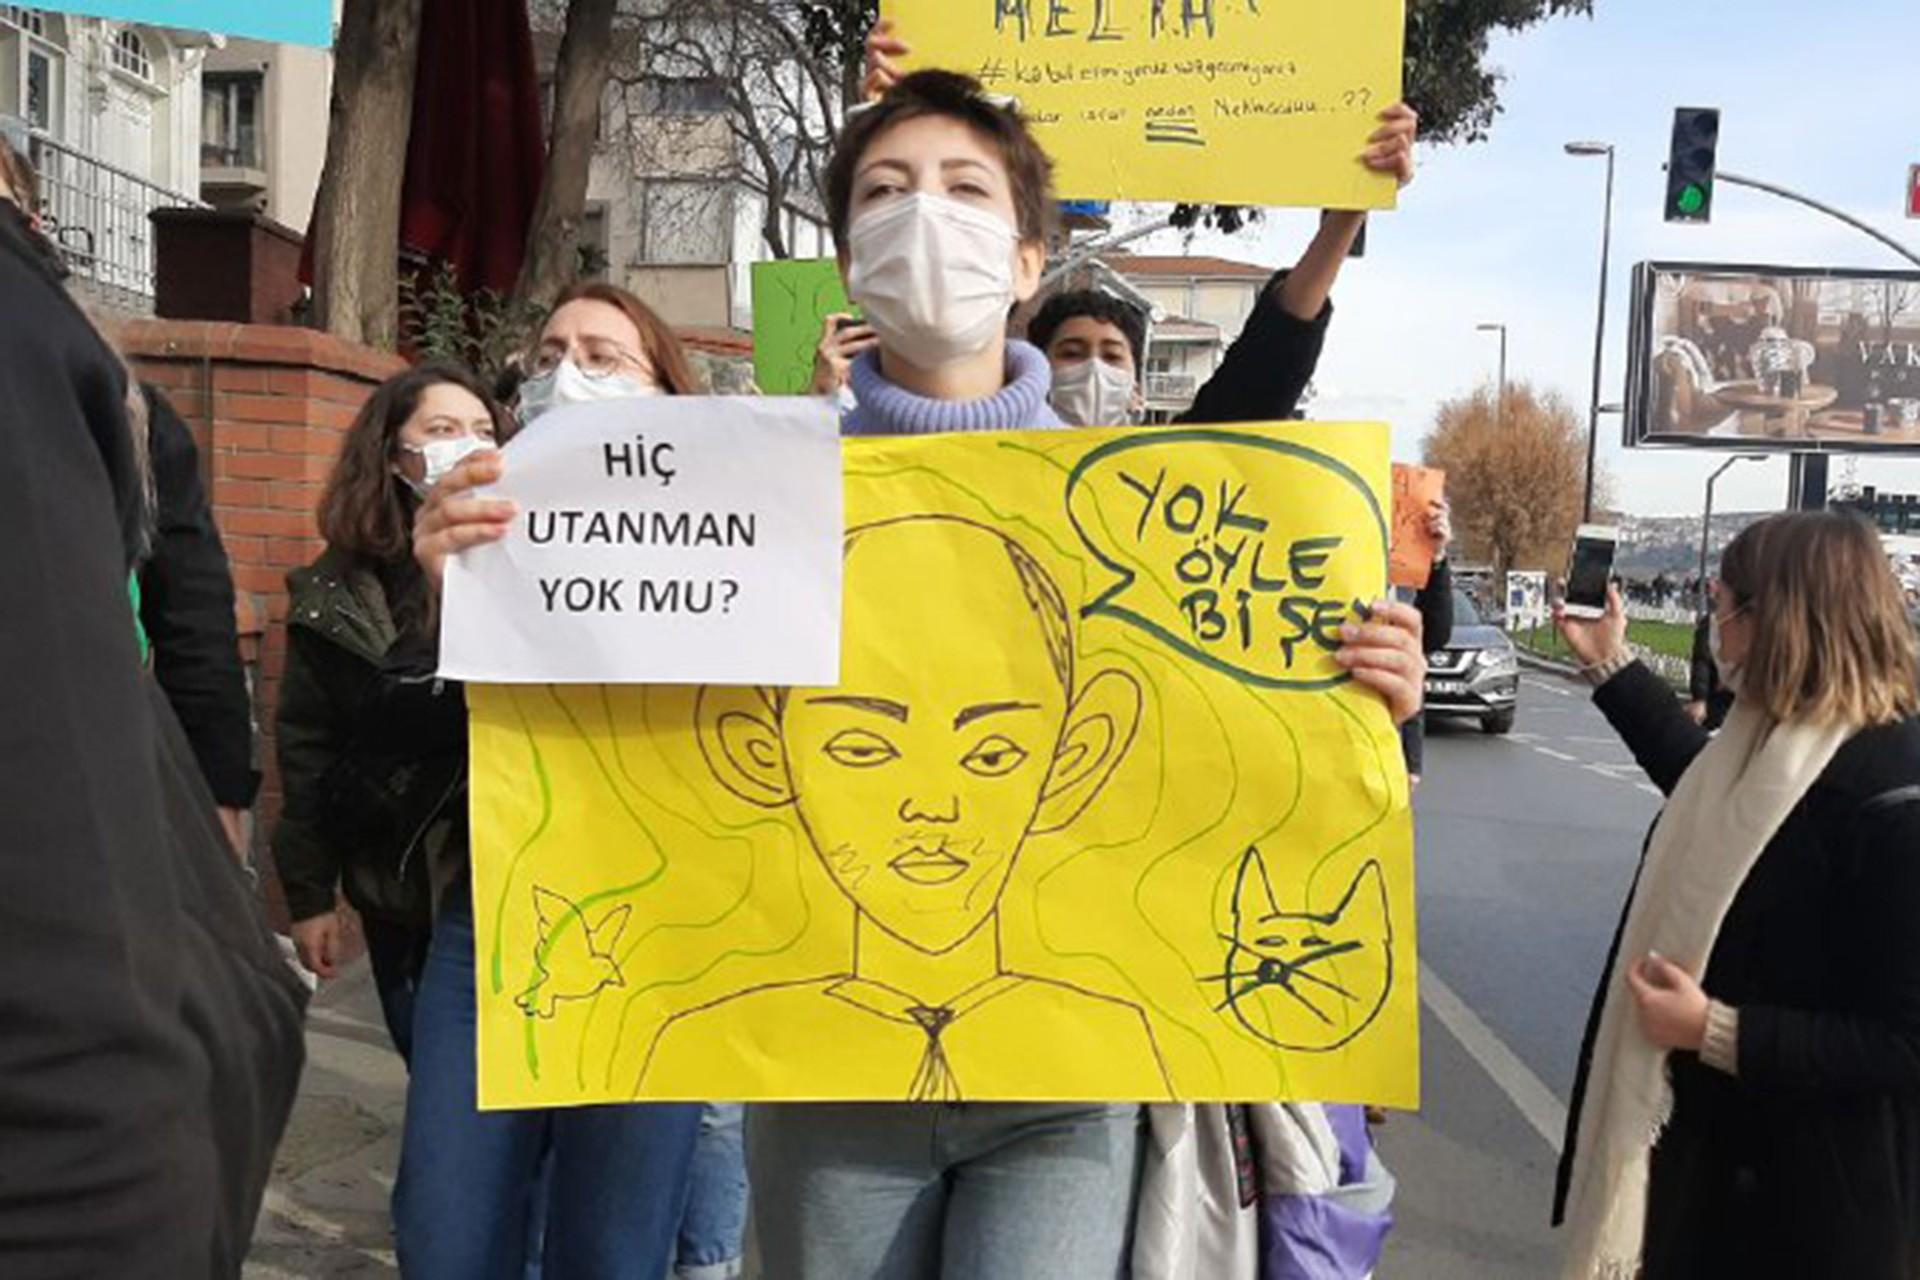 Öğrenciler dövizleri ile Melih Buluyu protesto etti